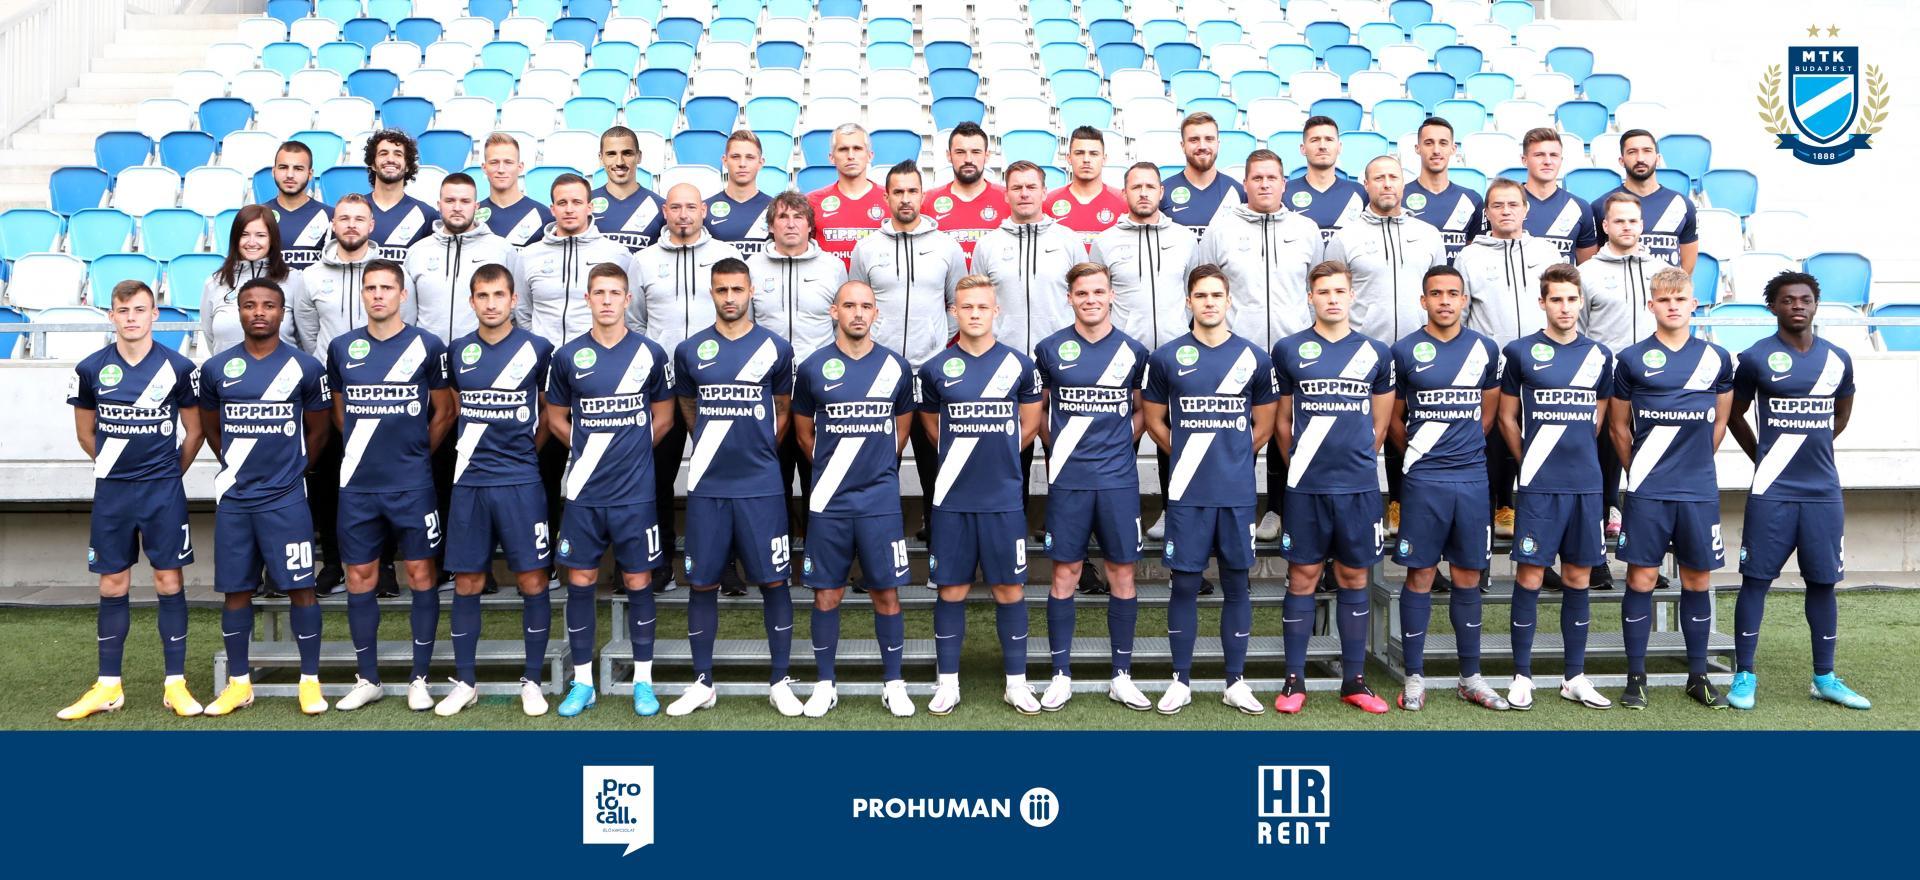 Letölthető a 2020/21-es szezon hivatalos csapatképe